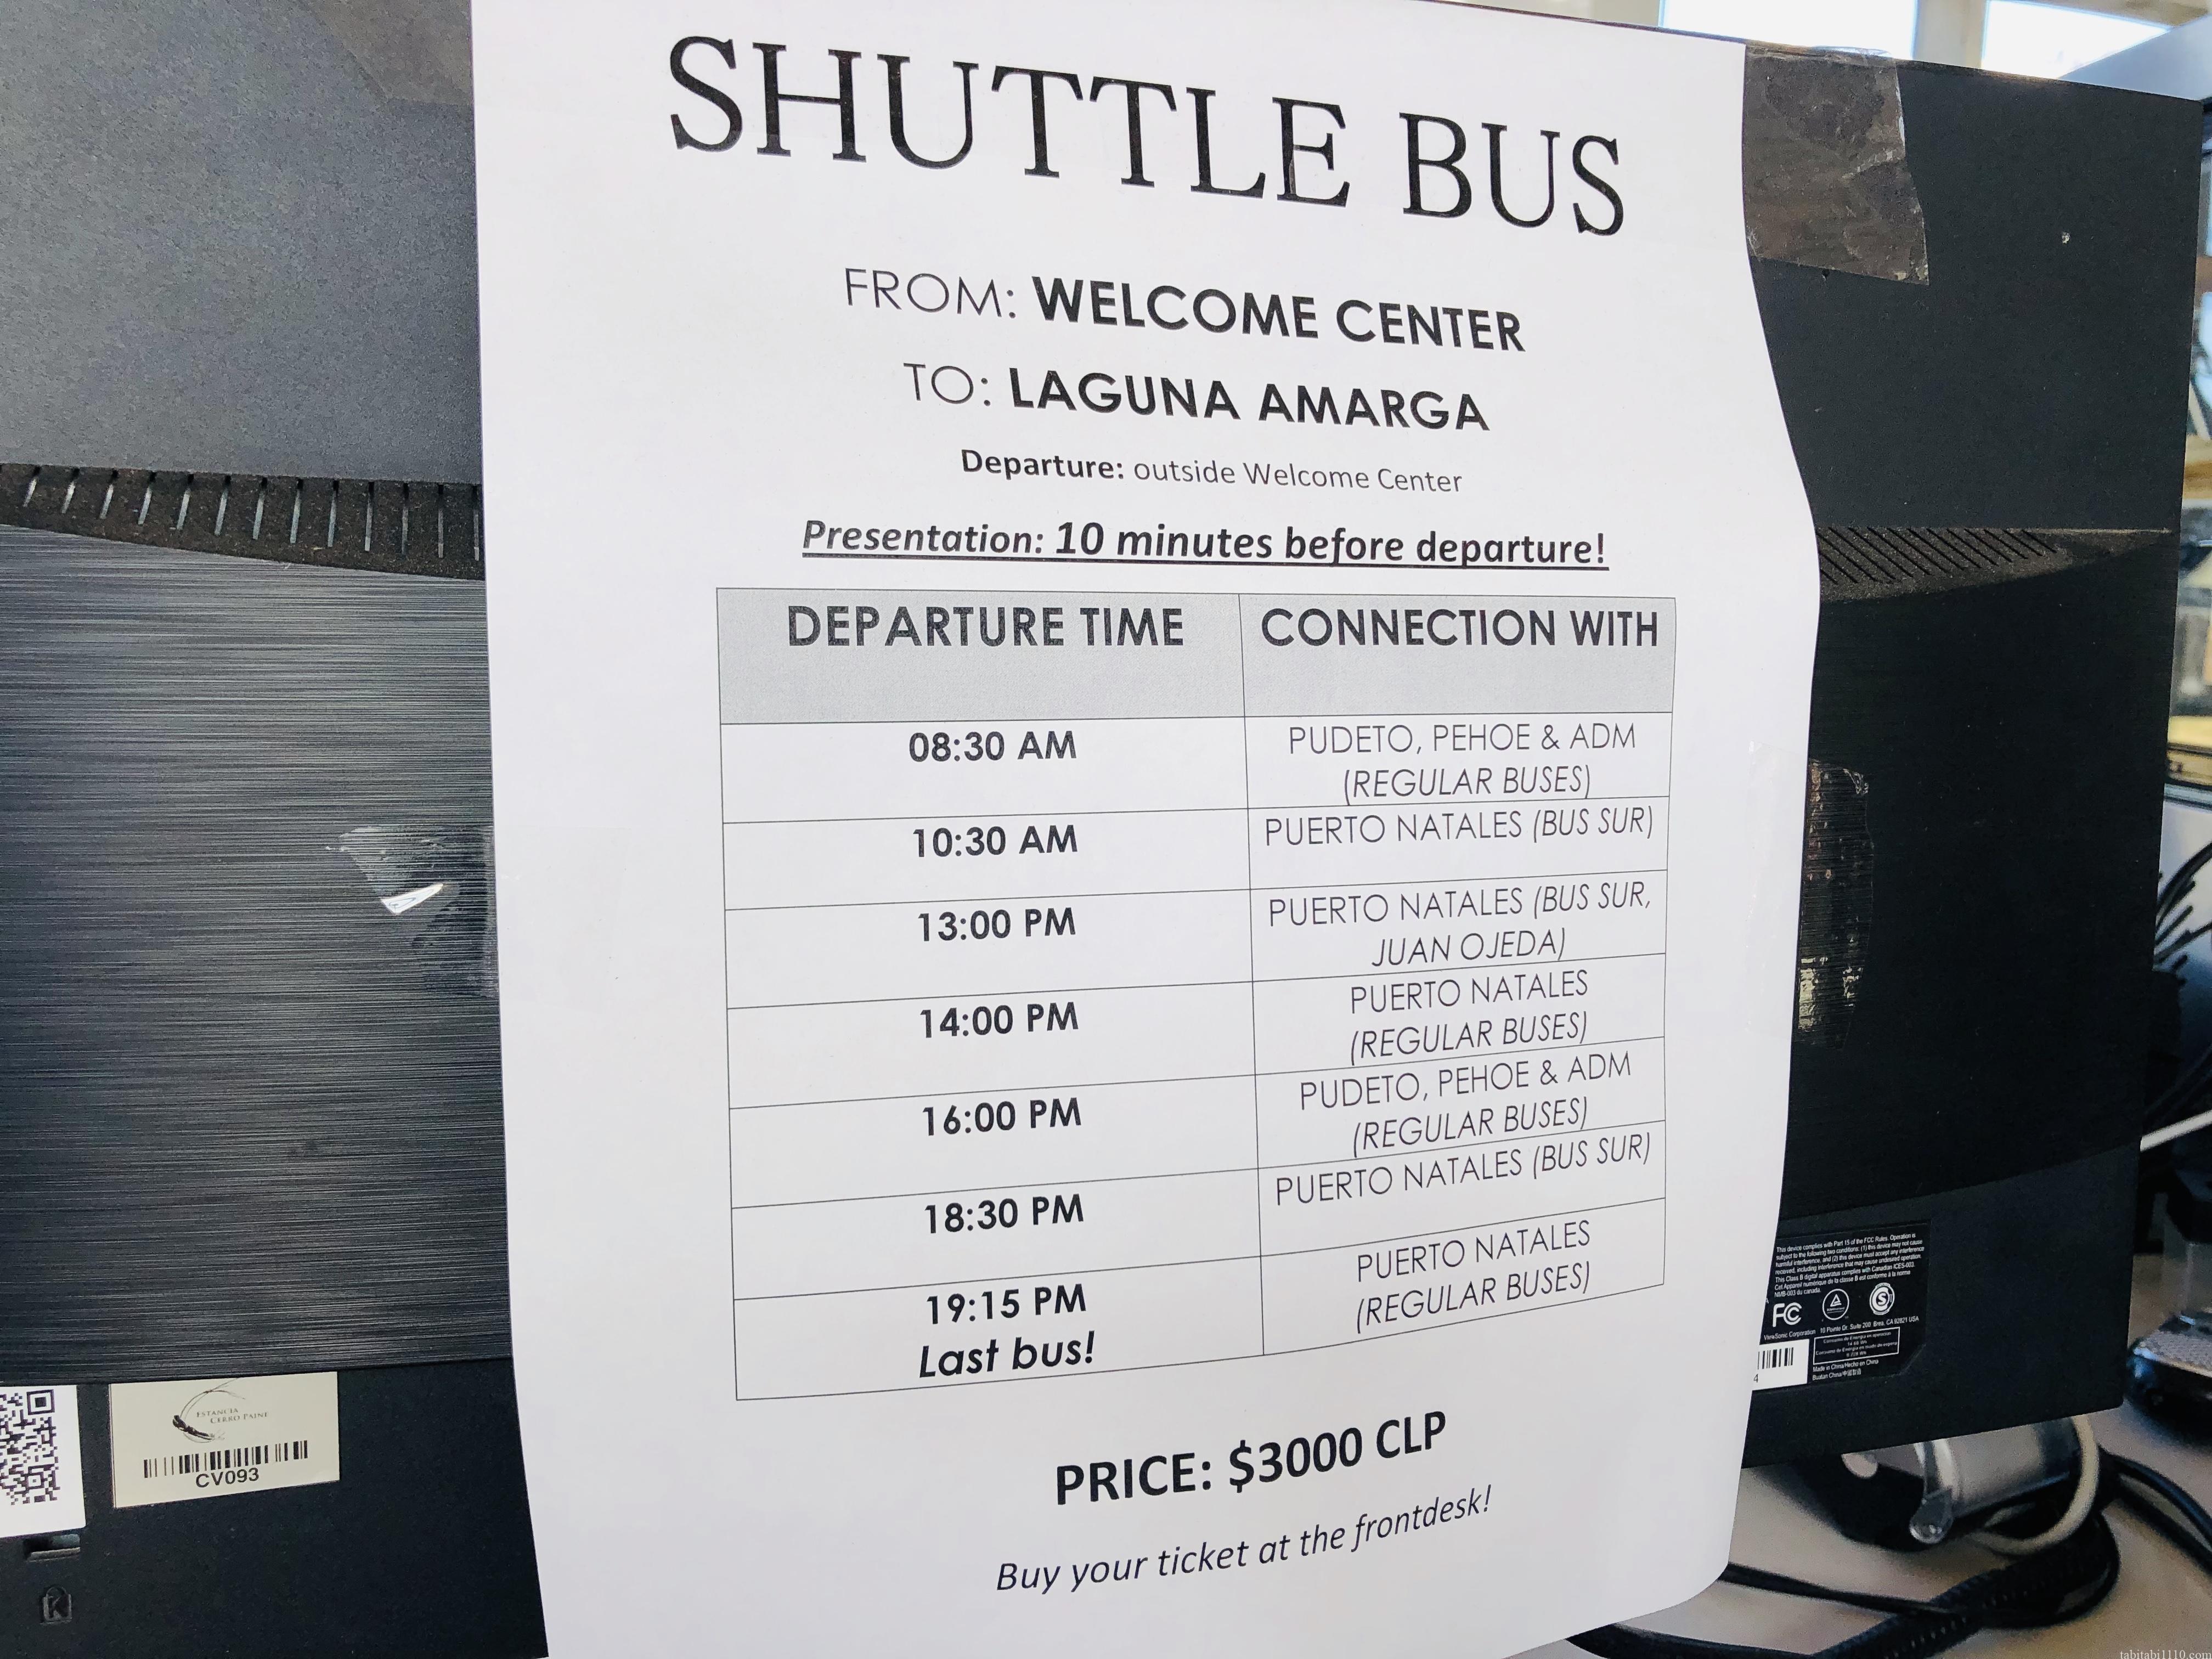 パイネ国立公園|シャトルバス時刻表